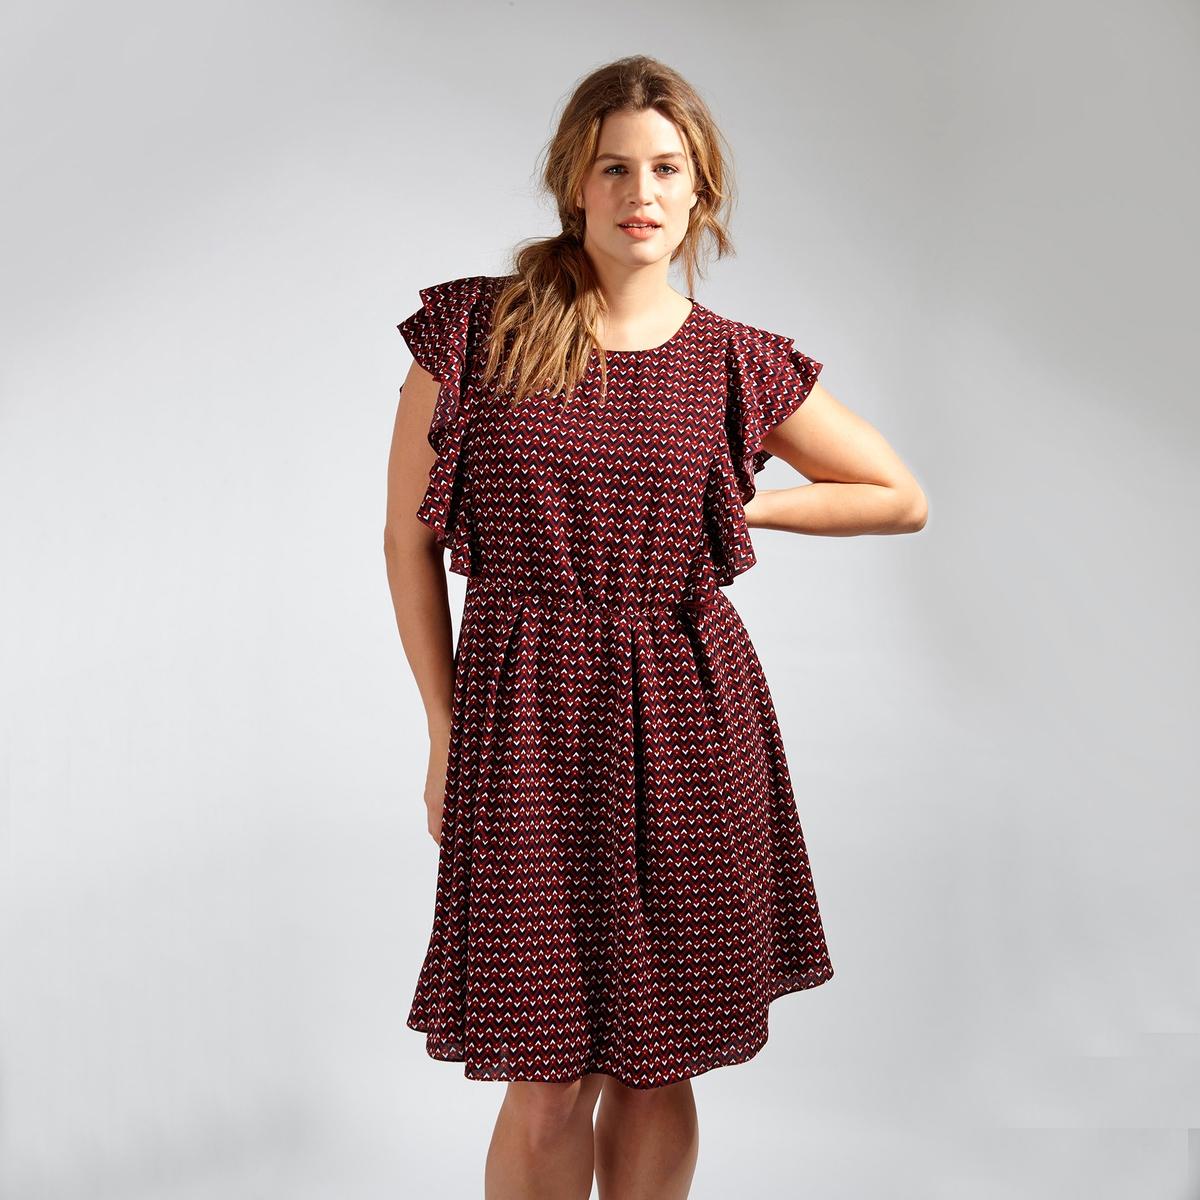 ПлатьеПлатье - KOKO BY KOKO. Застежка на молнию сзади. Длина до колен. 100% полиэстер<br><br>Цвет: набивной рисунок